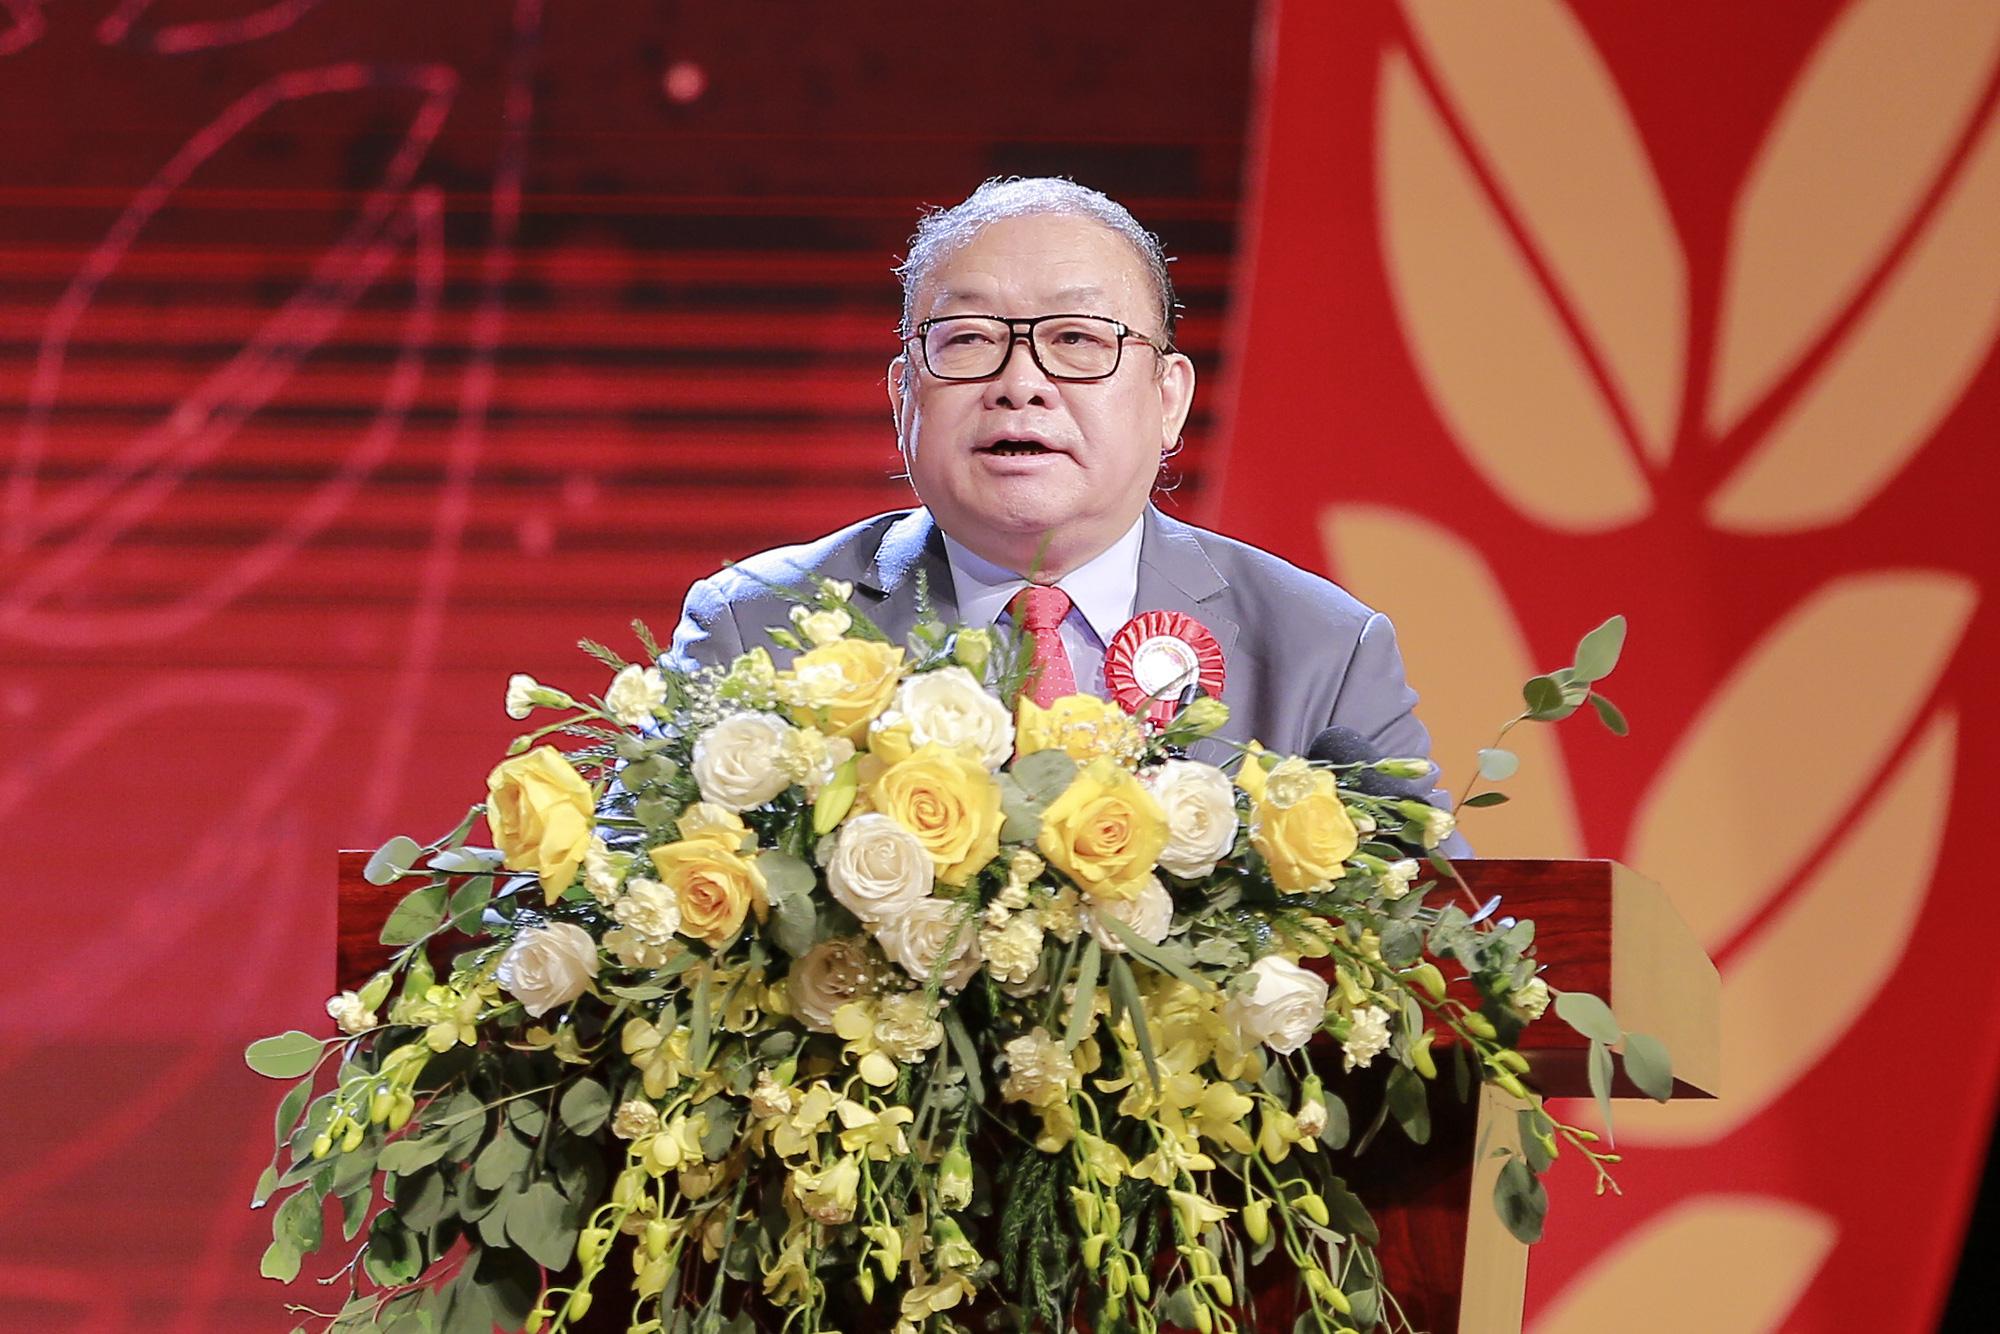 Lễ Kỷ niệm 90 năm Ngày thành lập Hội Nông dân Việt Nam: Hội Nông dân Việt Nam nhận Huân chương Hồ Chí Minh - Ảnh 2.